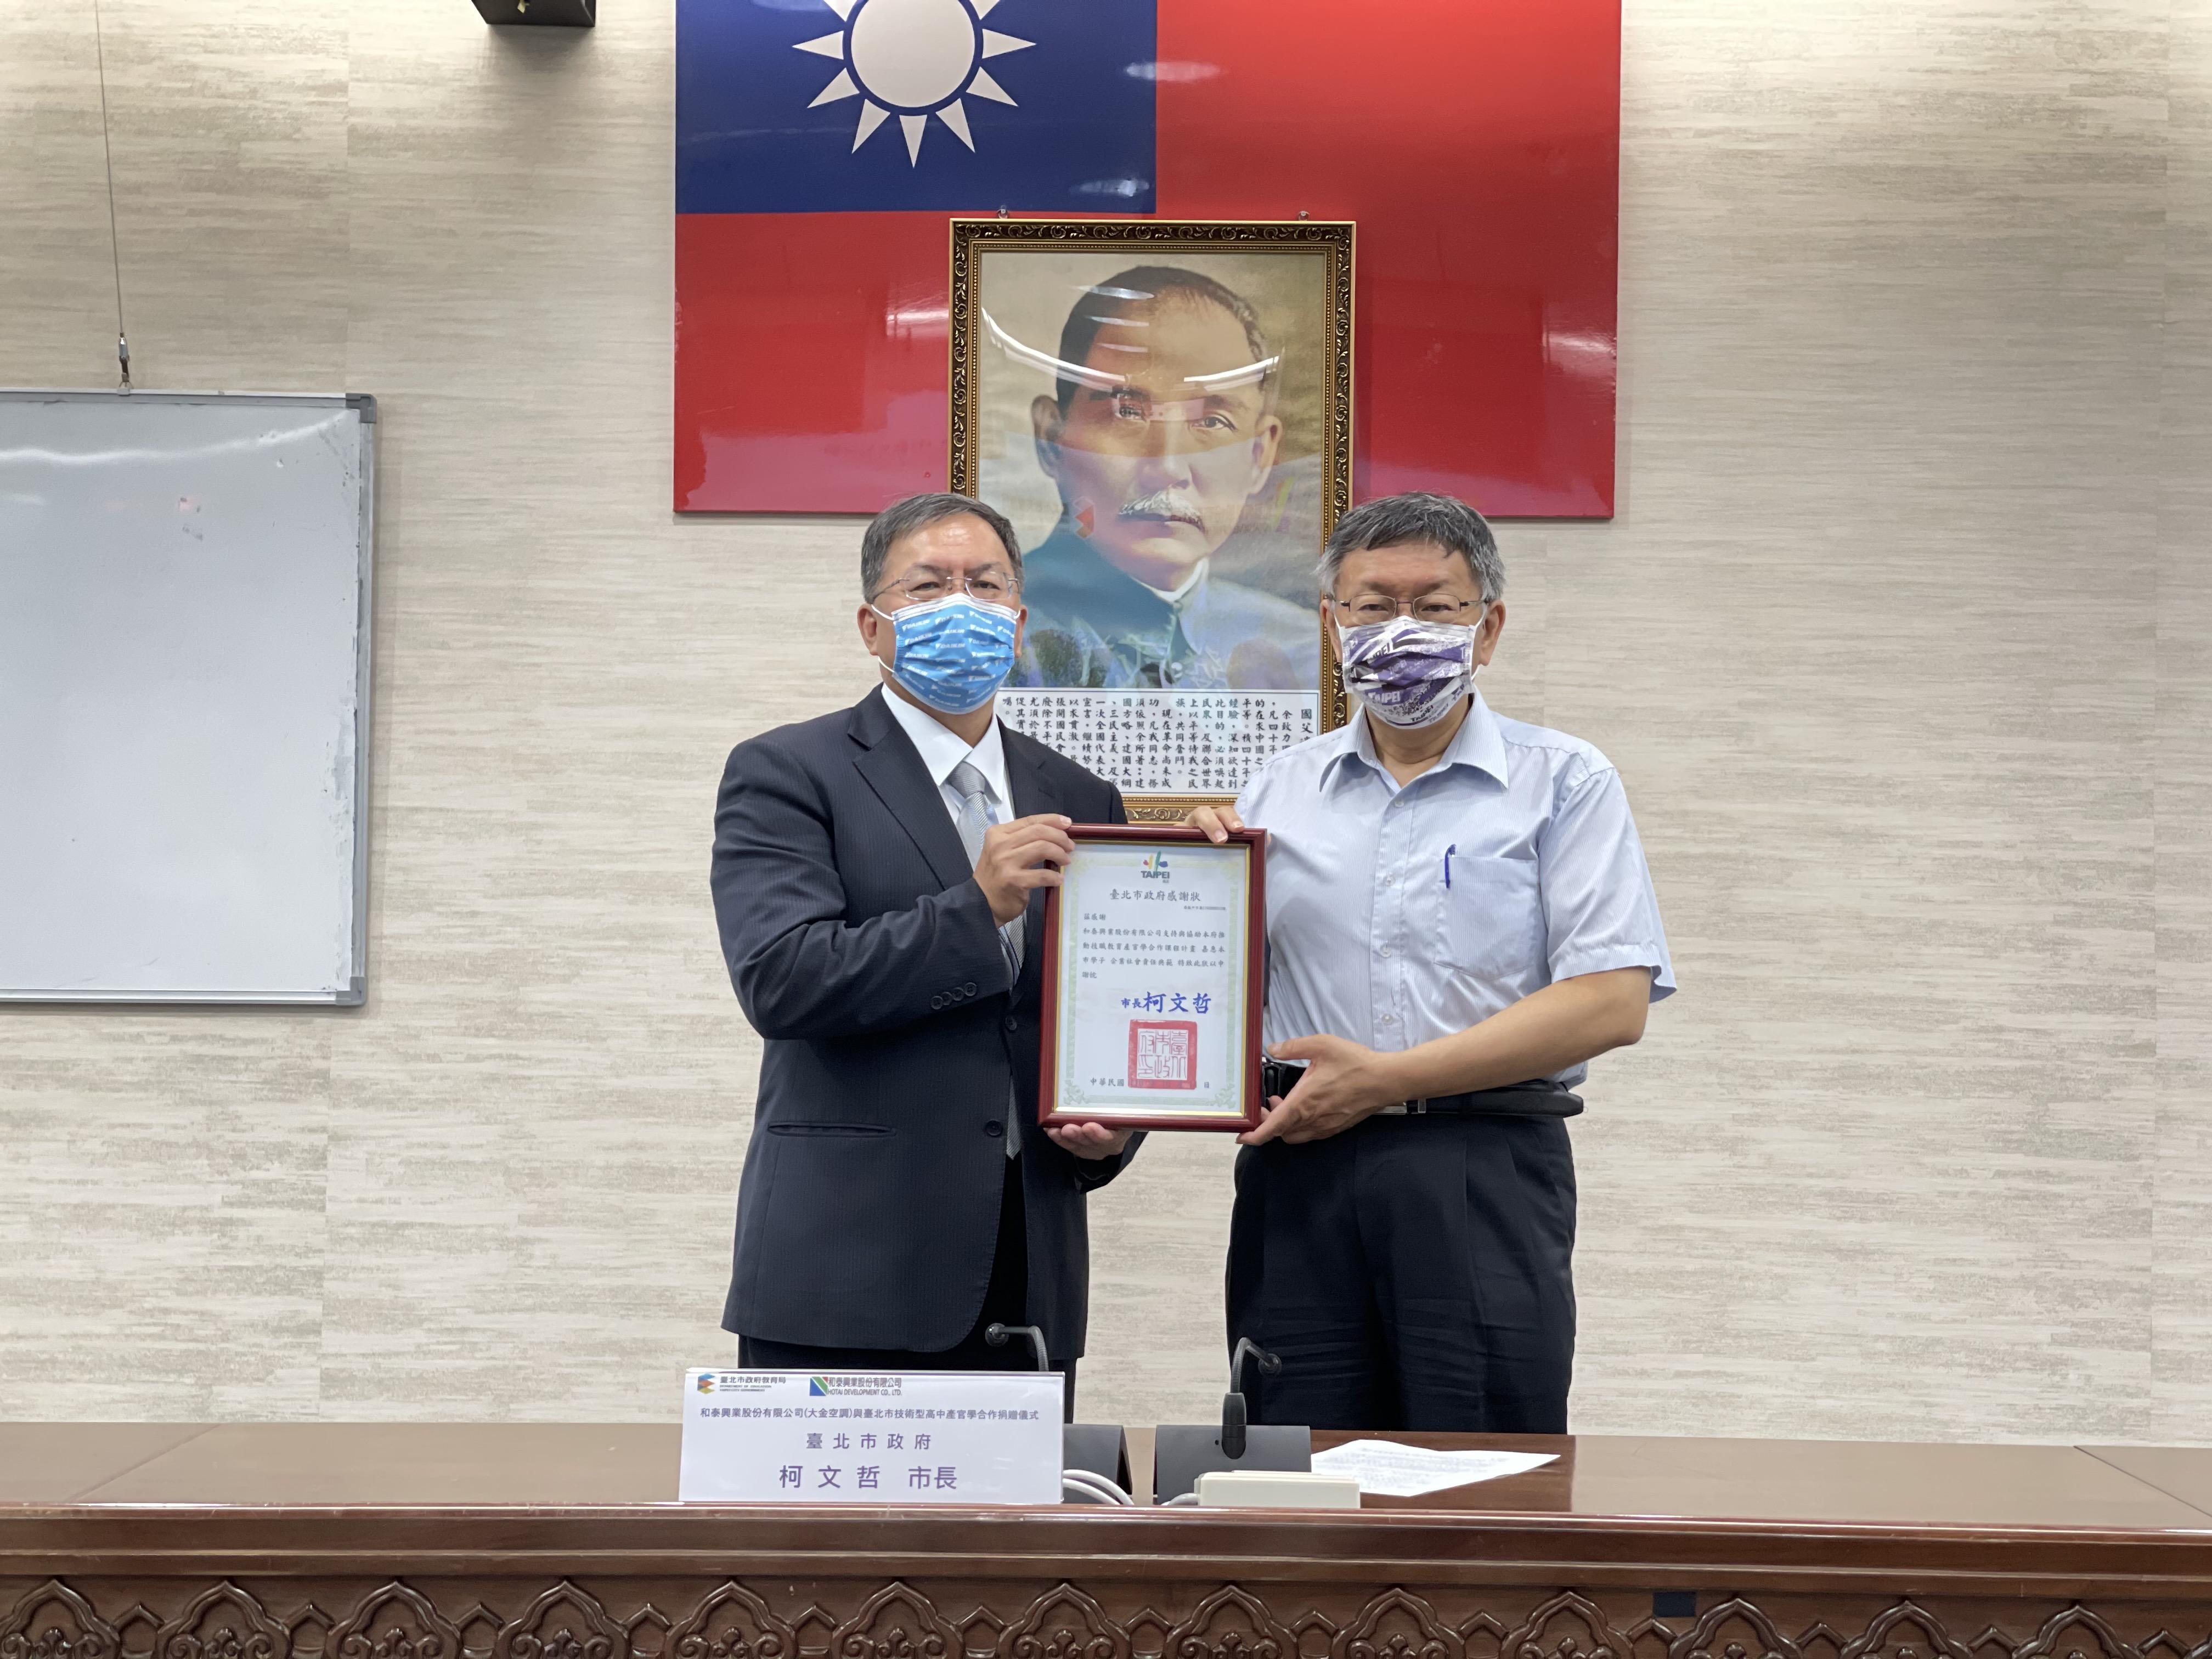 台北市長柯文哲(右)頒感謝狀給和泰興業總經理林鴻志(左)